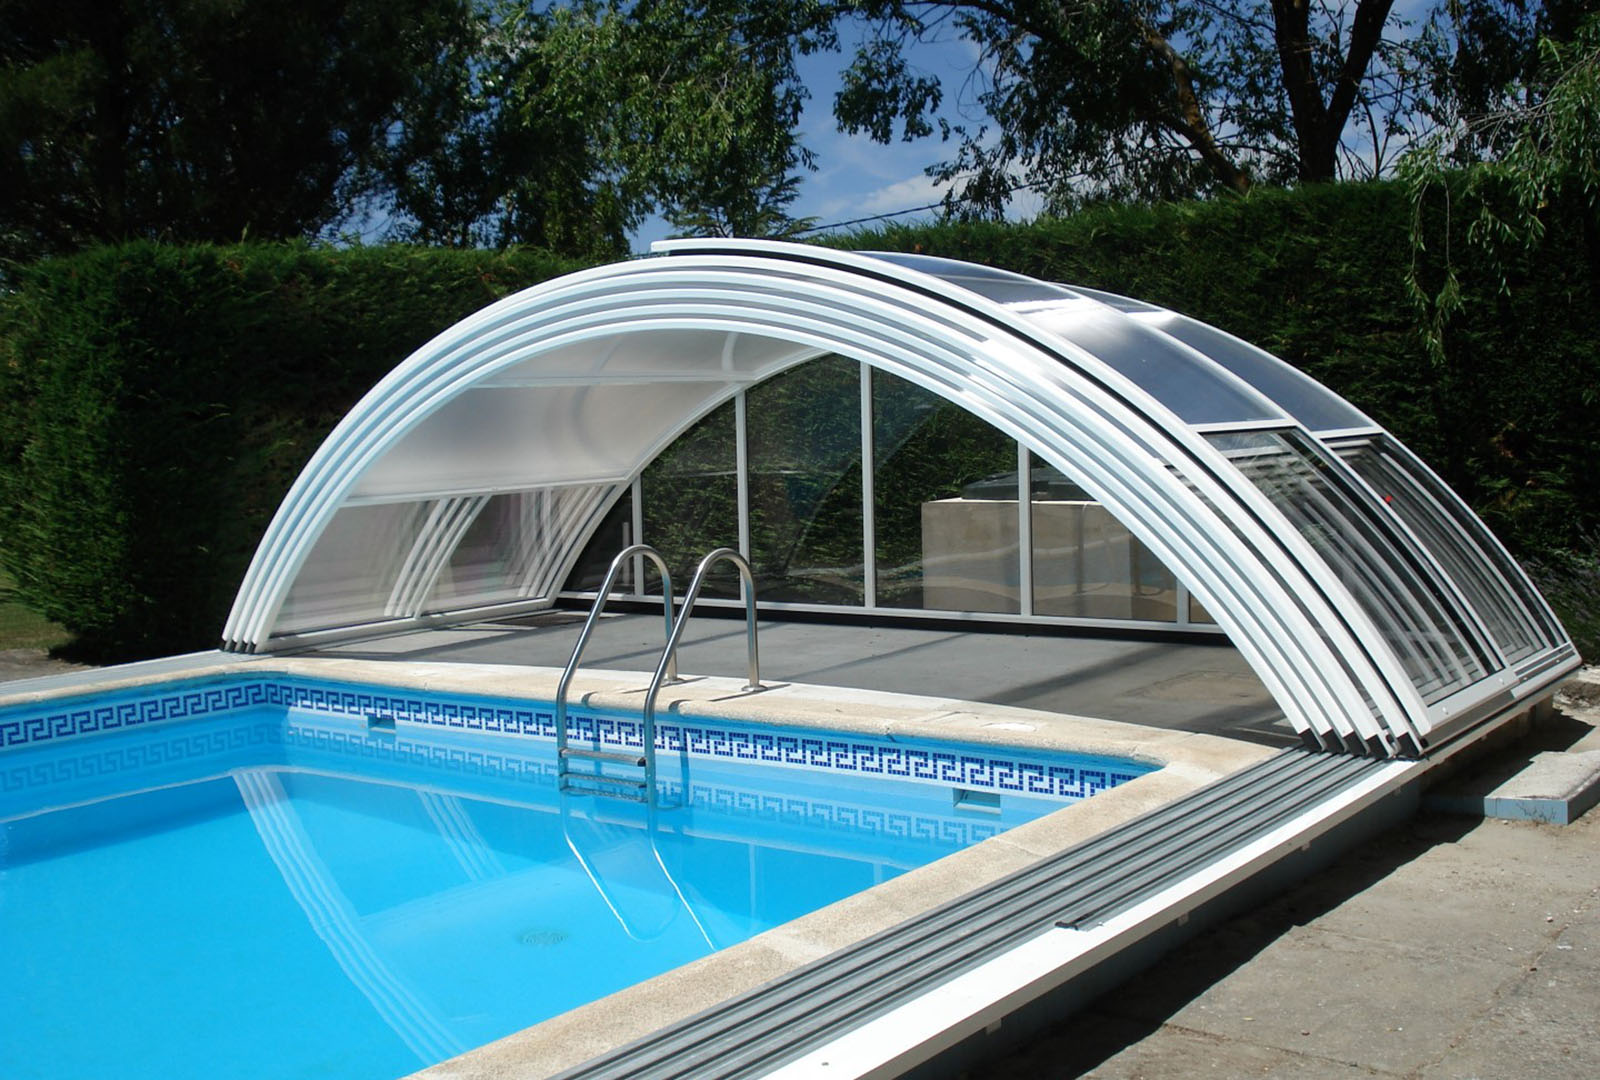 piscine abri confort haut telescopique